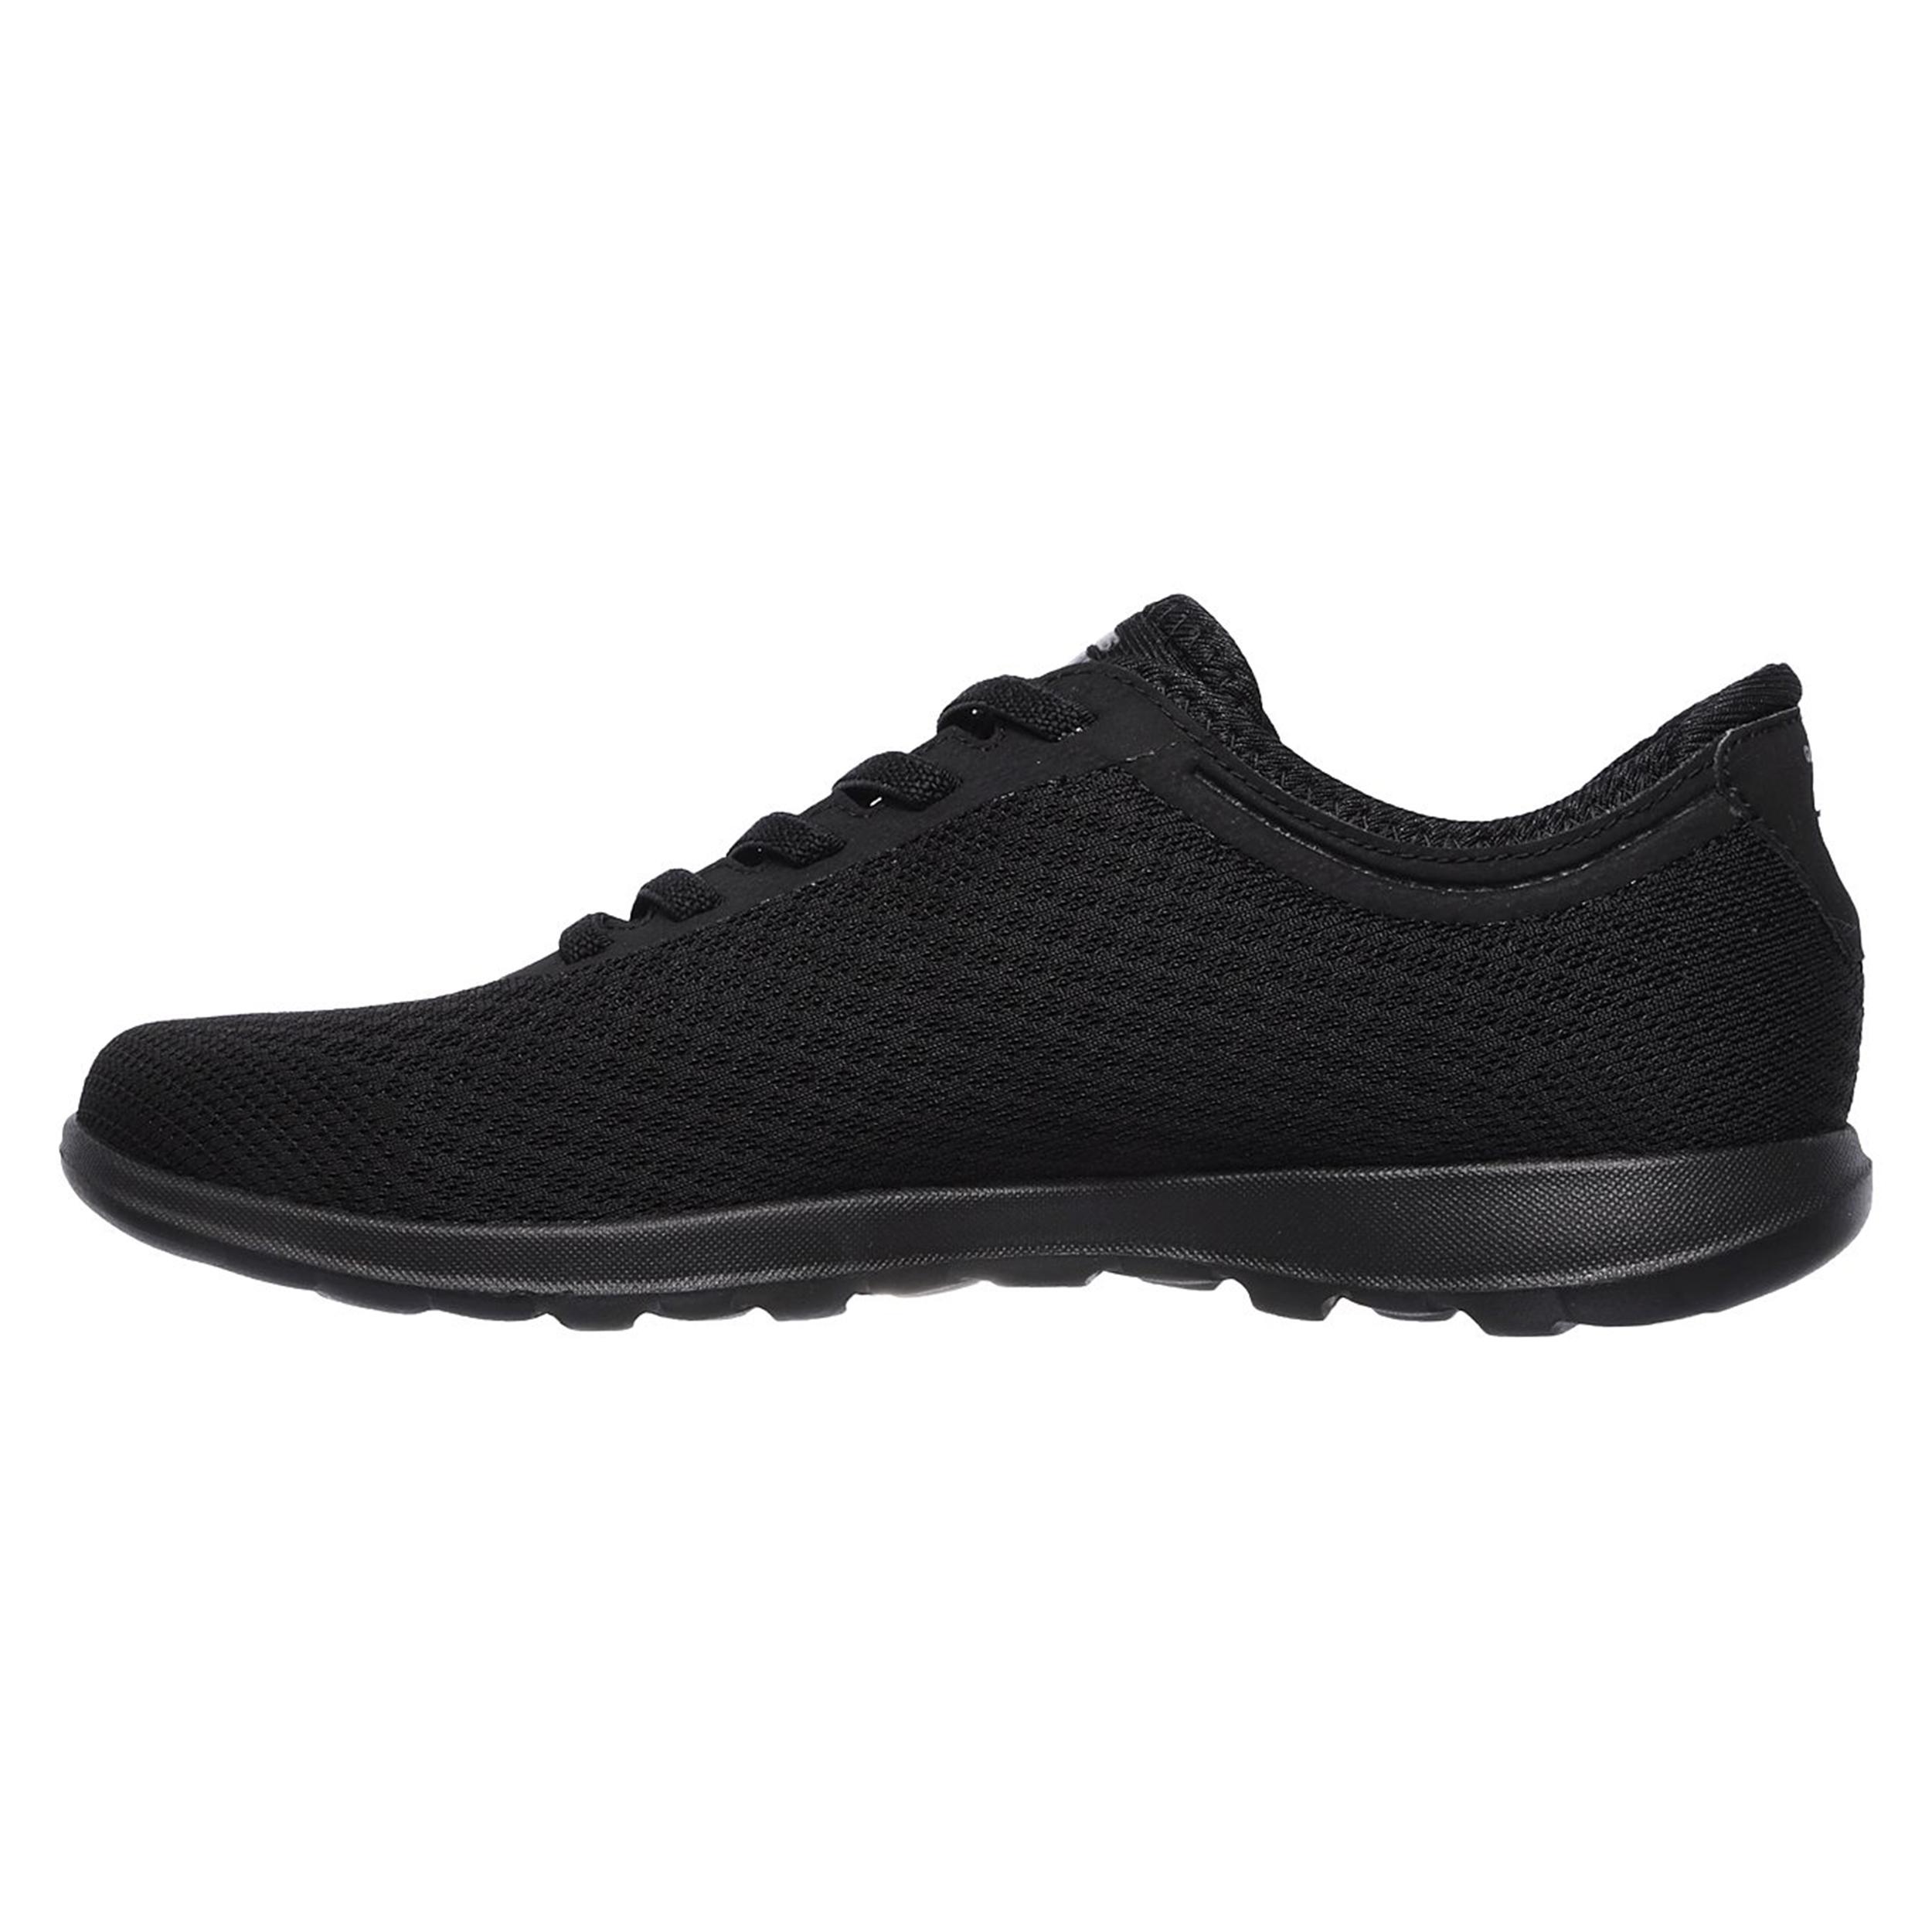 کفش مخصوص پیاده روی زنانه اسکچرز مدل 15350BBK